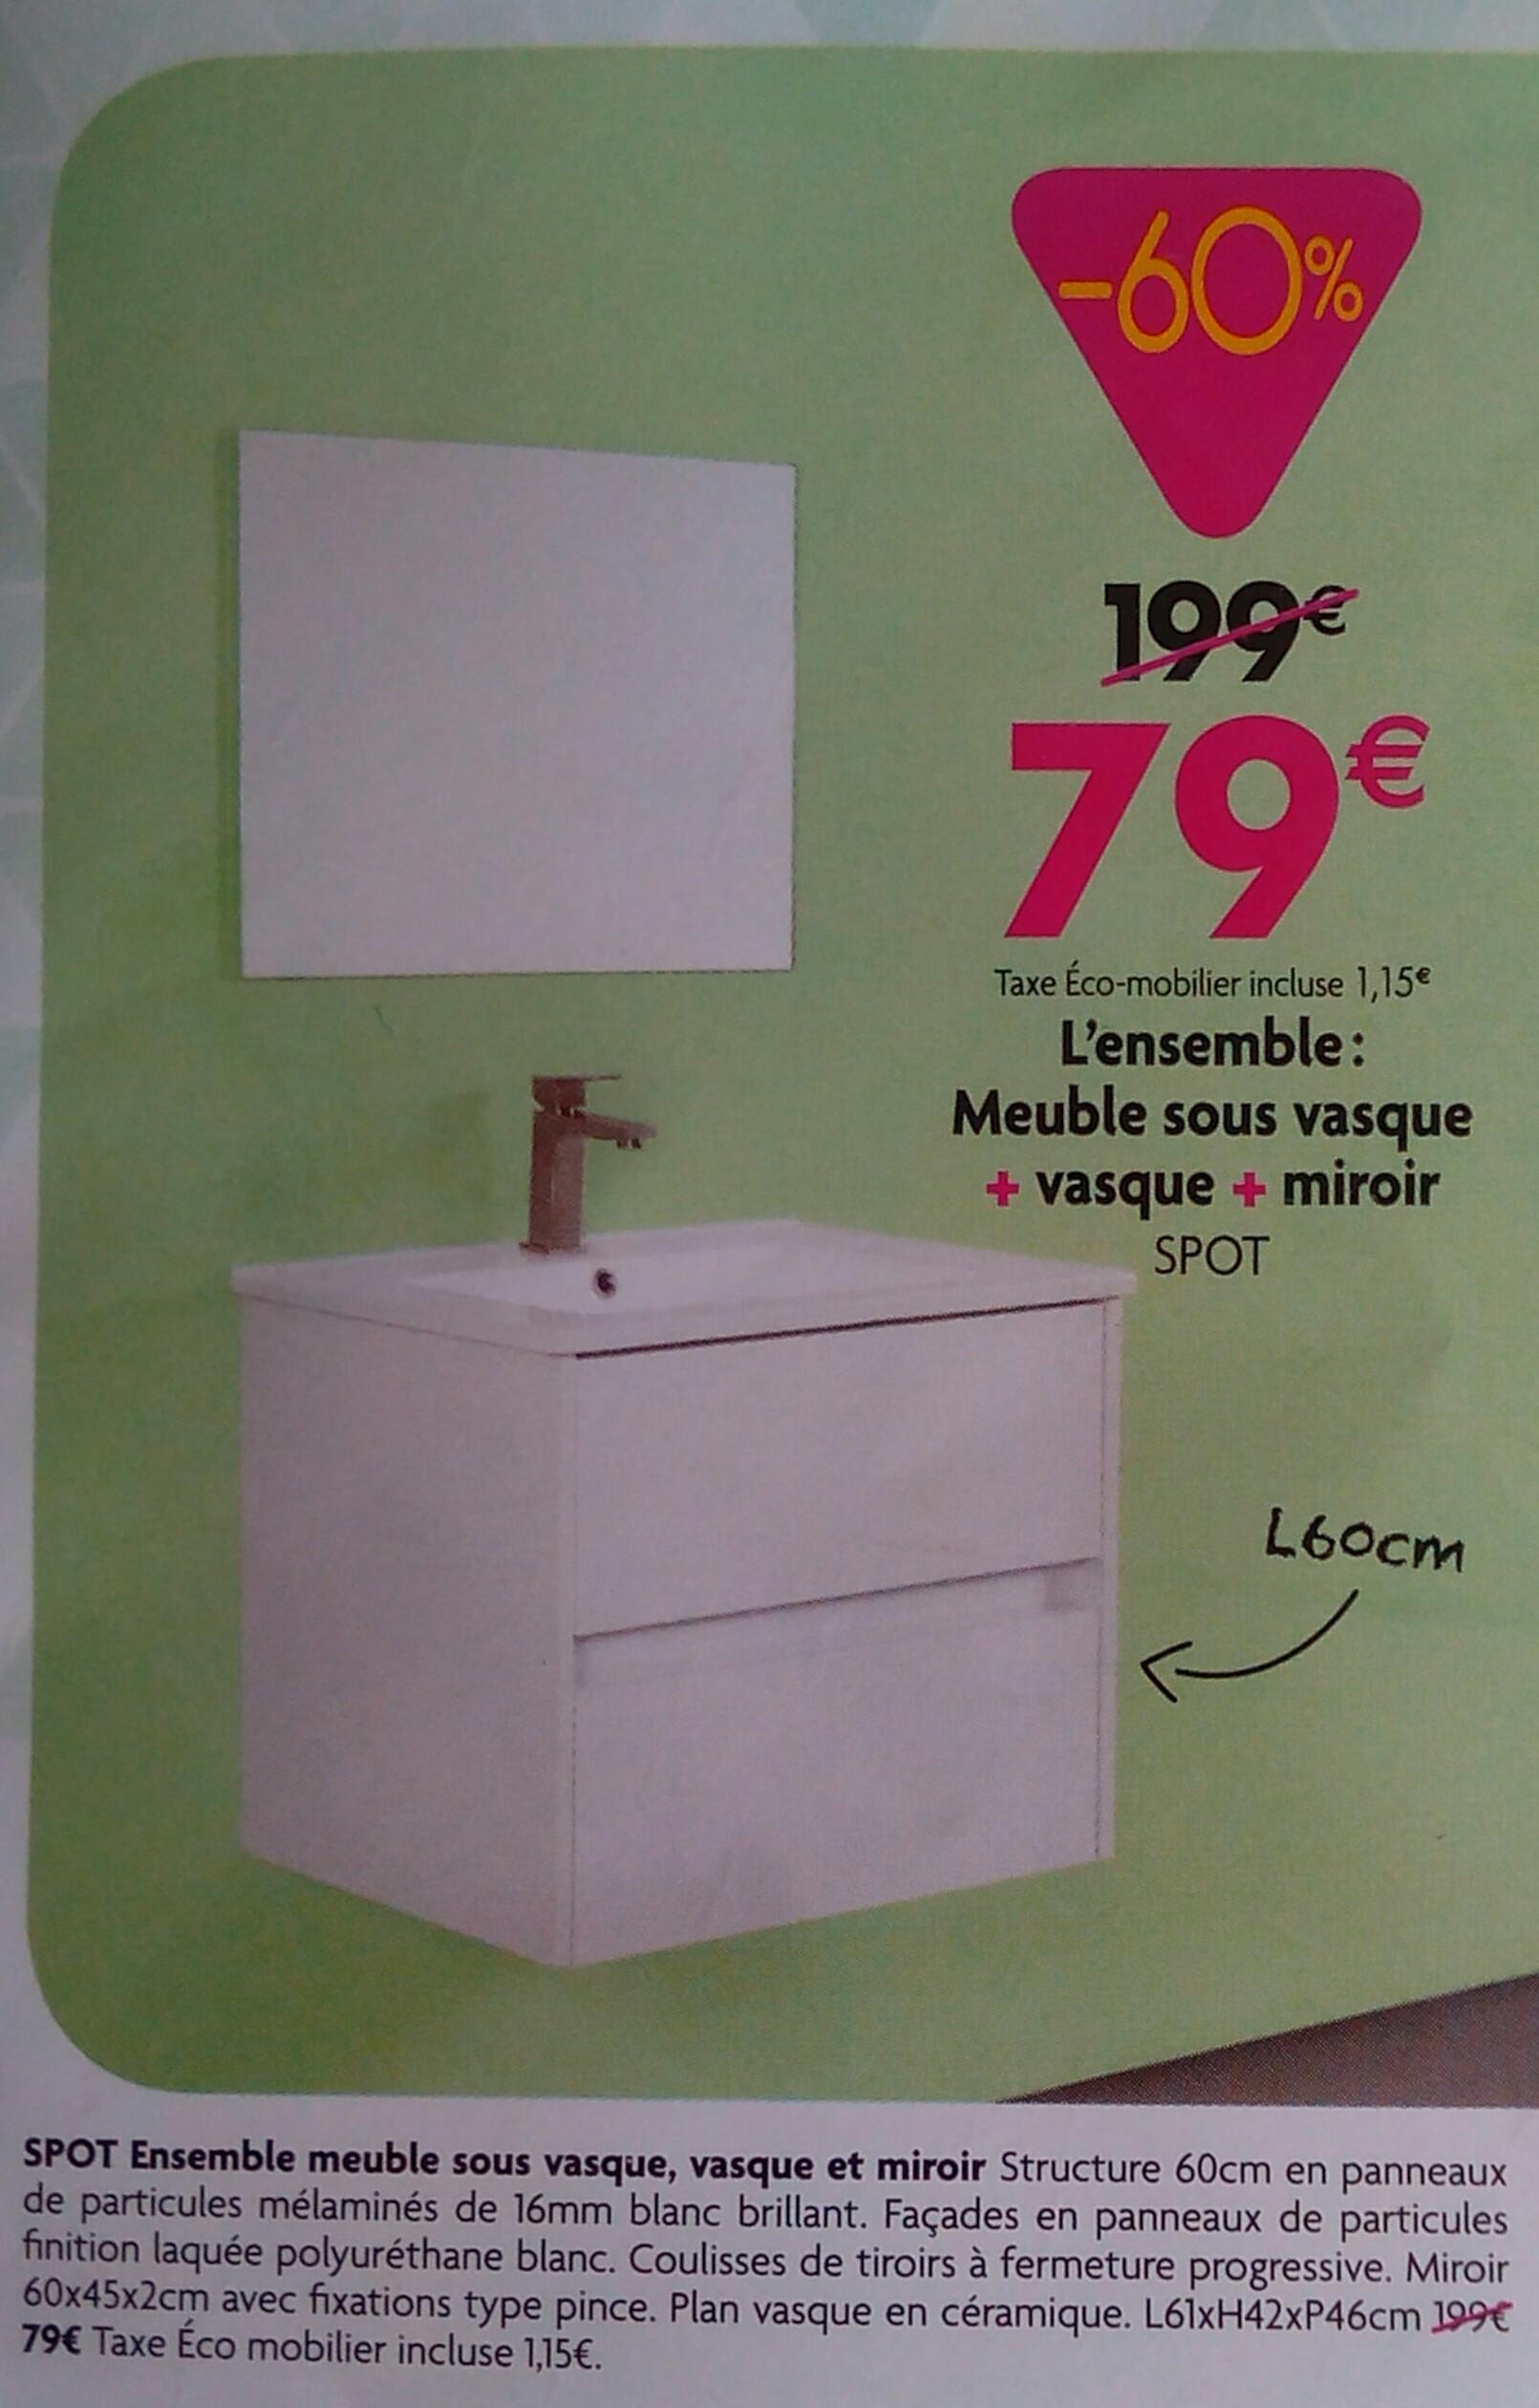 Ensemble Meuble sous vasque + Vasque + Miroir